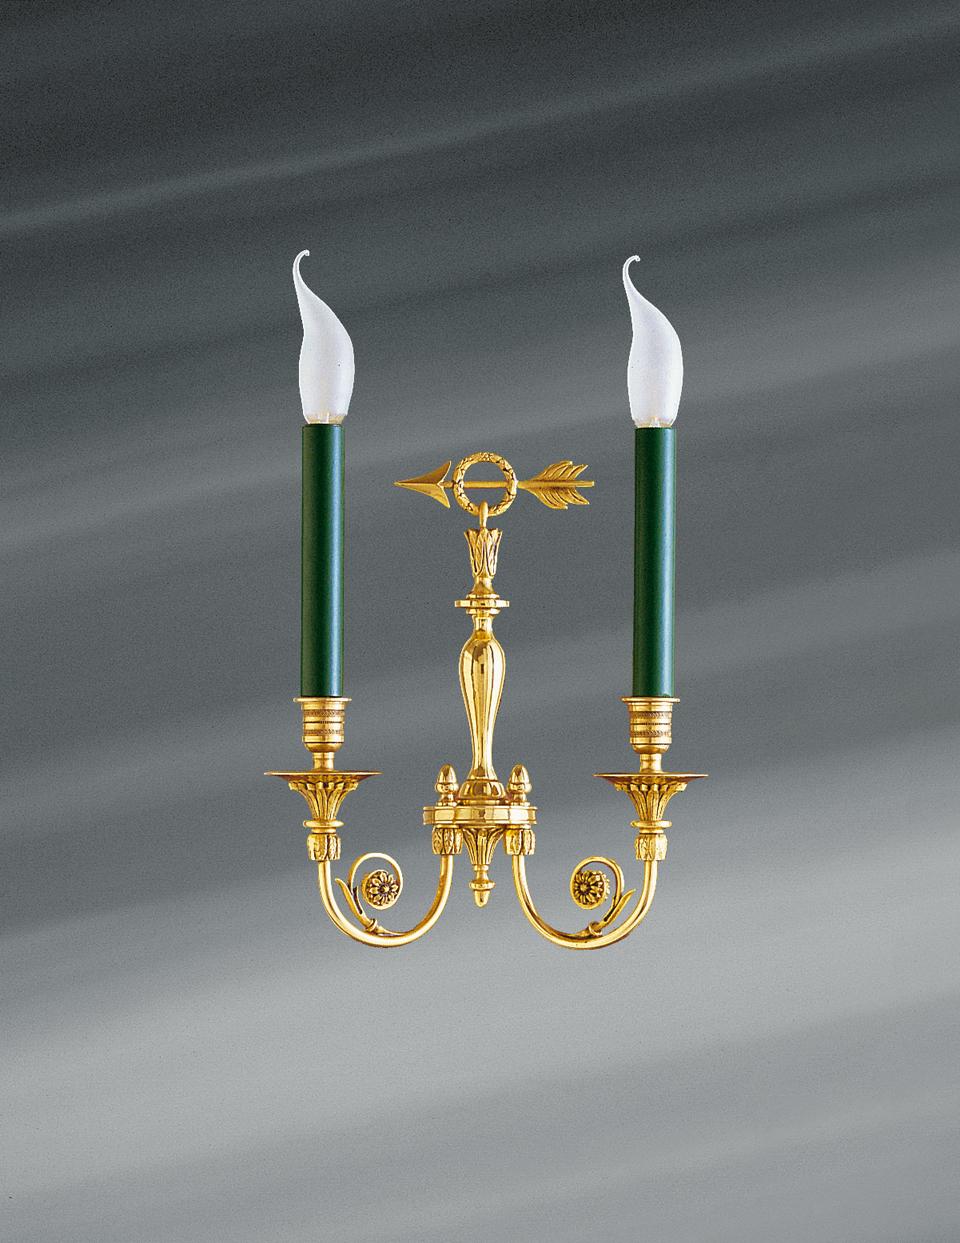 Applique dorée de style Directoire, deux lumières, bronze massif. Lucien Gau.